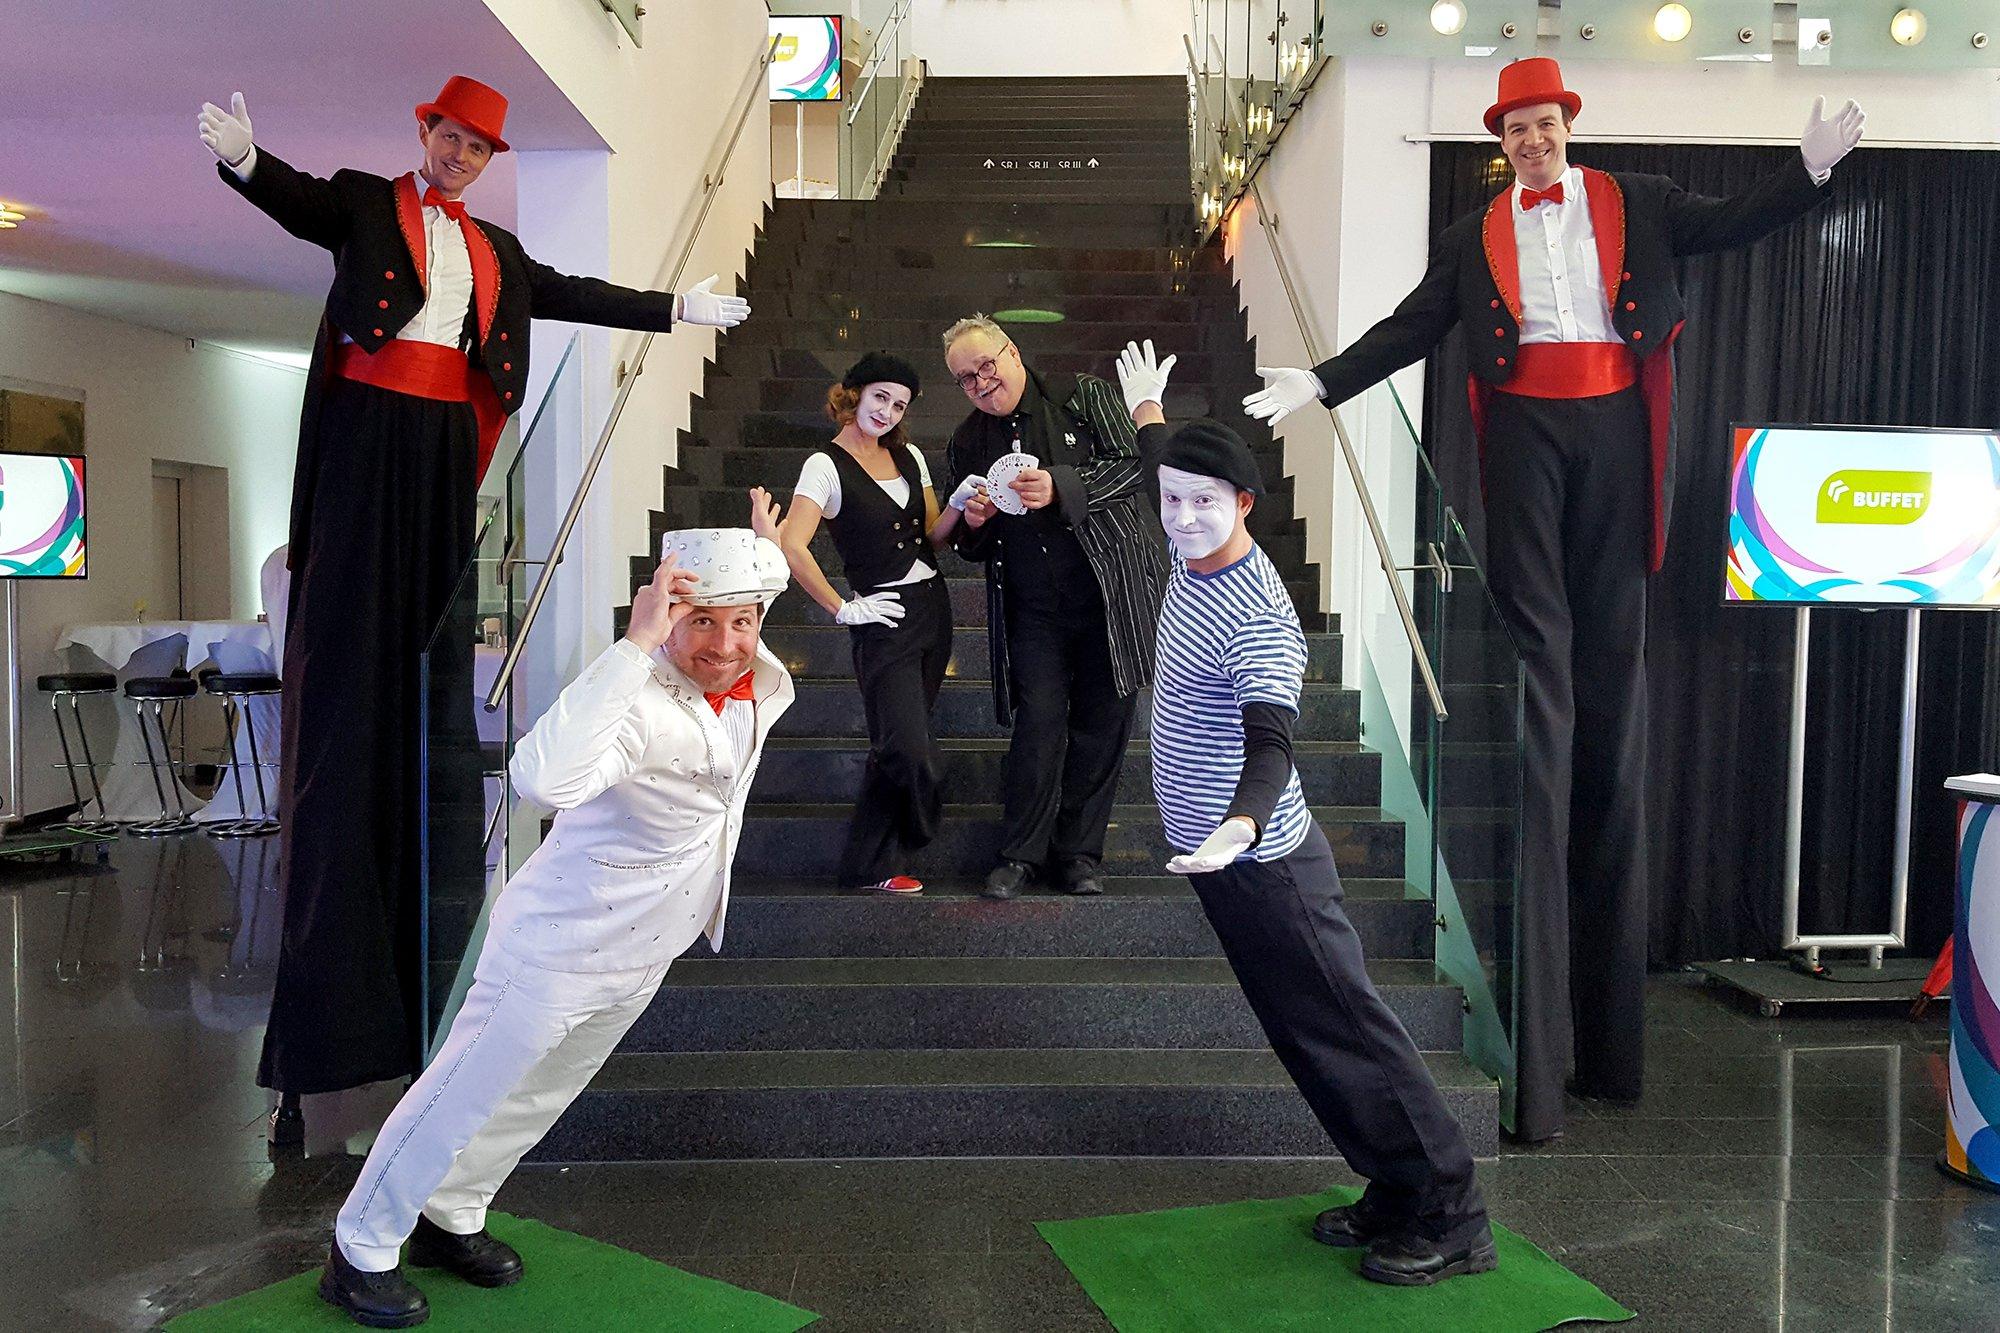 Schräge Typen und Pantomime Künstler erheitern das Publikum bzw. ihre Gäste auf ihre ganz besondere Art